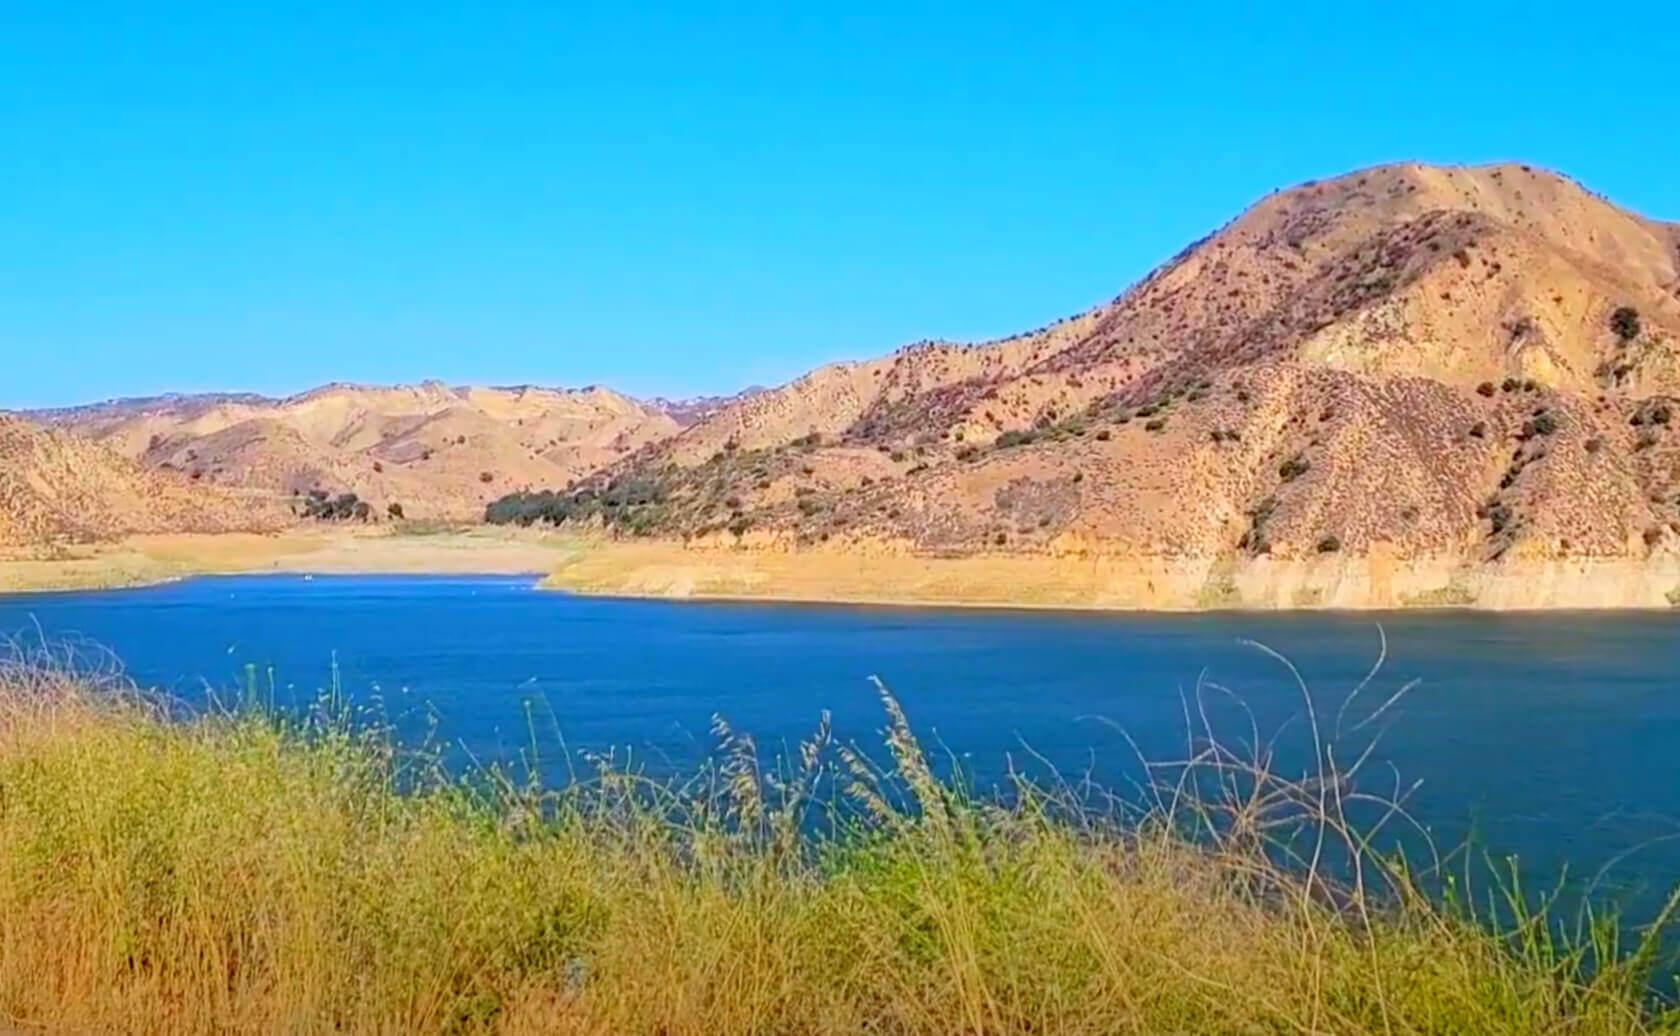 Piru-Lake-Fishing-Guide-Report-California-03